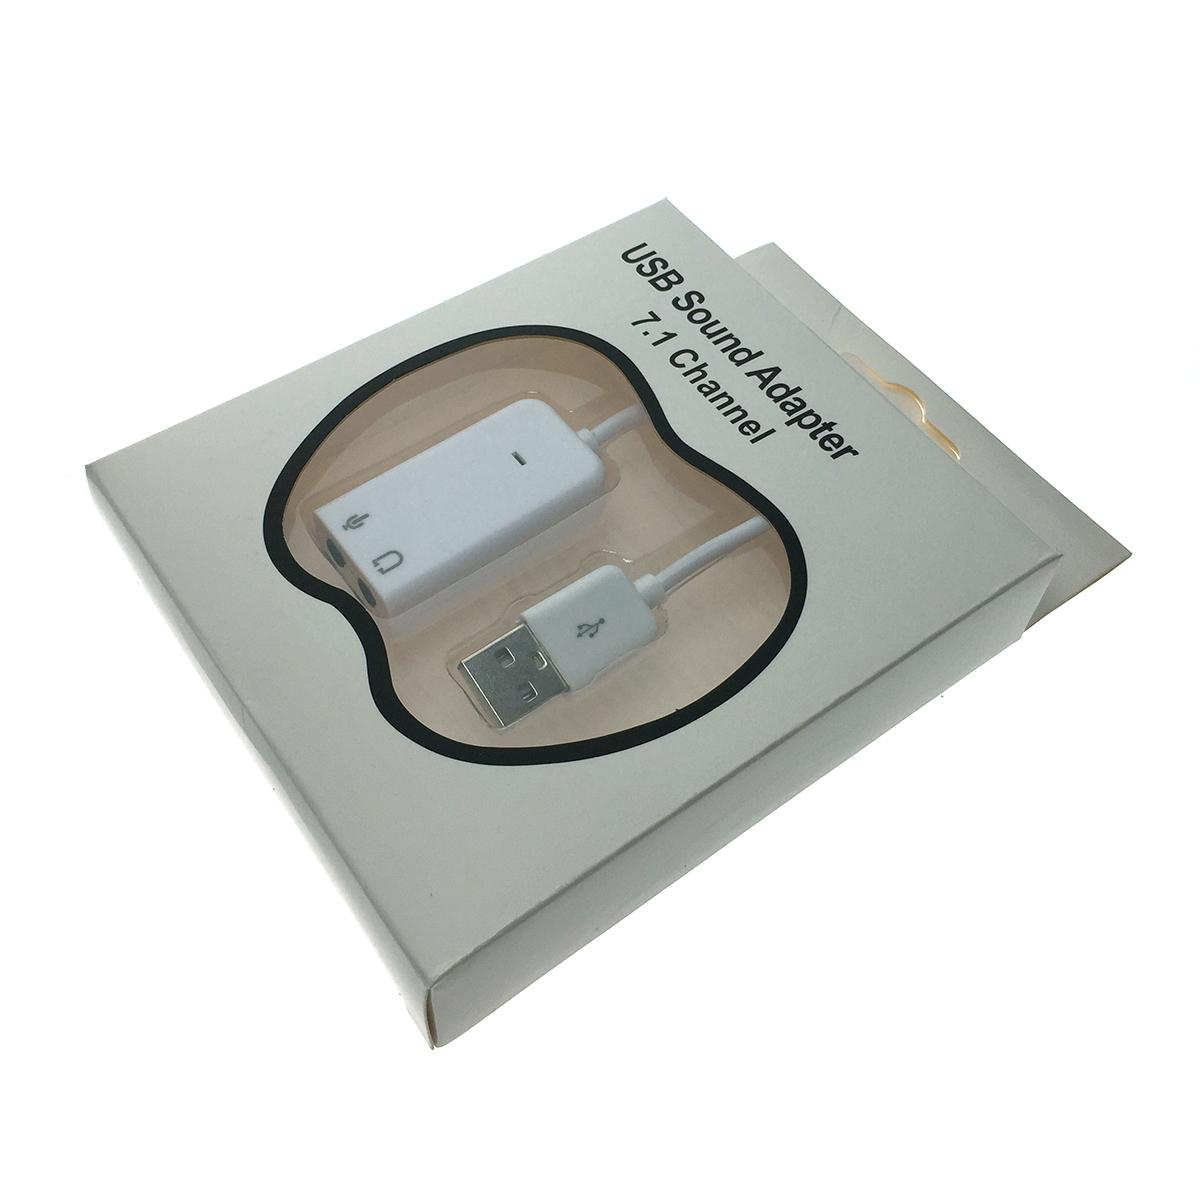 Внешняя звуковая карта USB, модель PAAU003, Espada